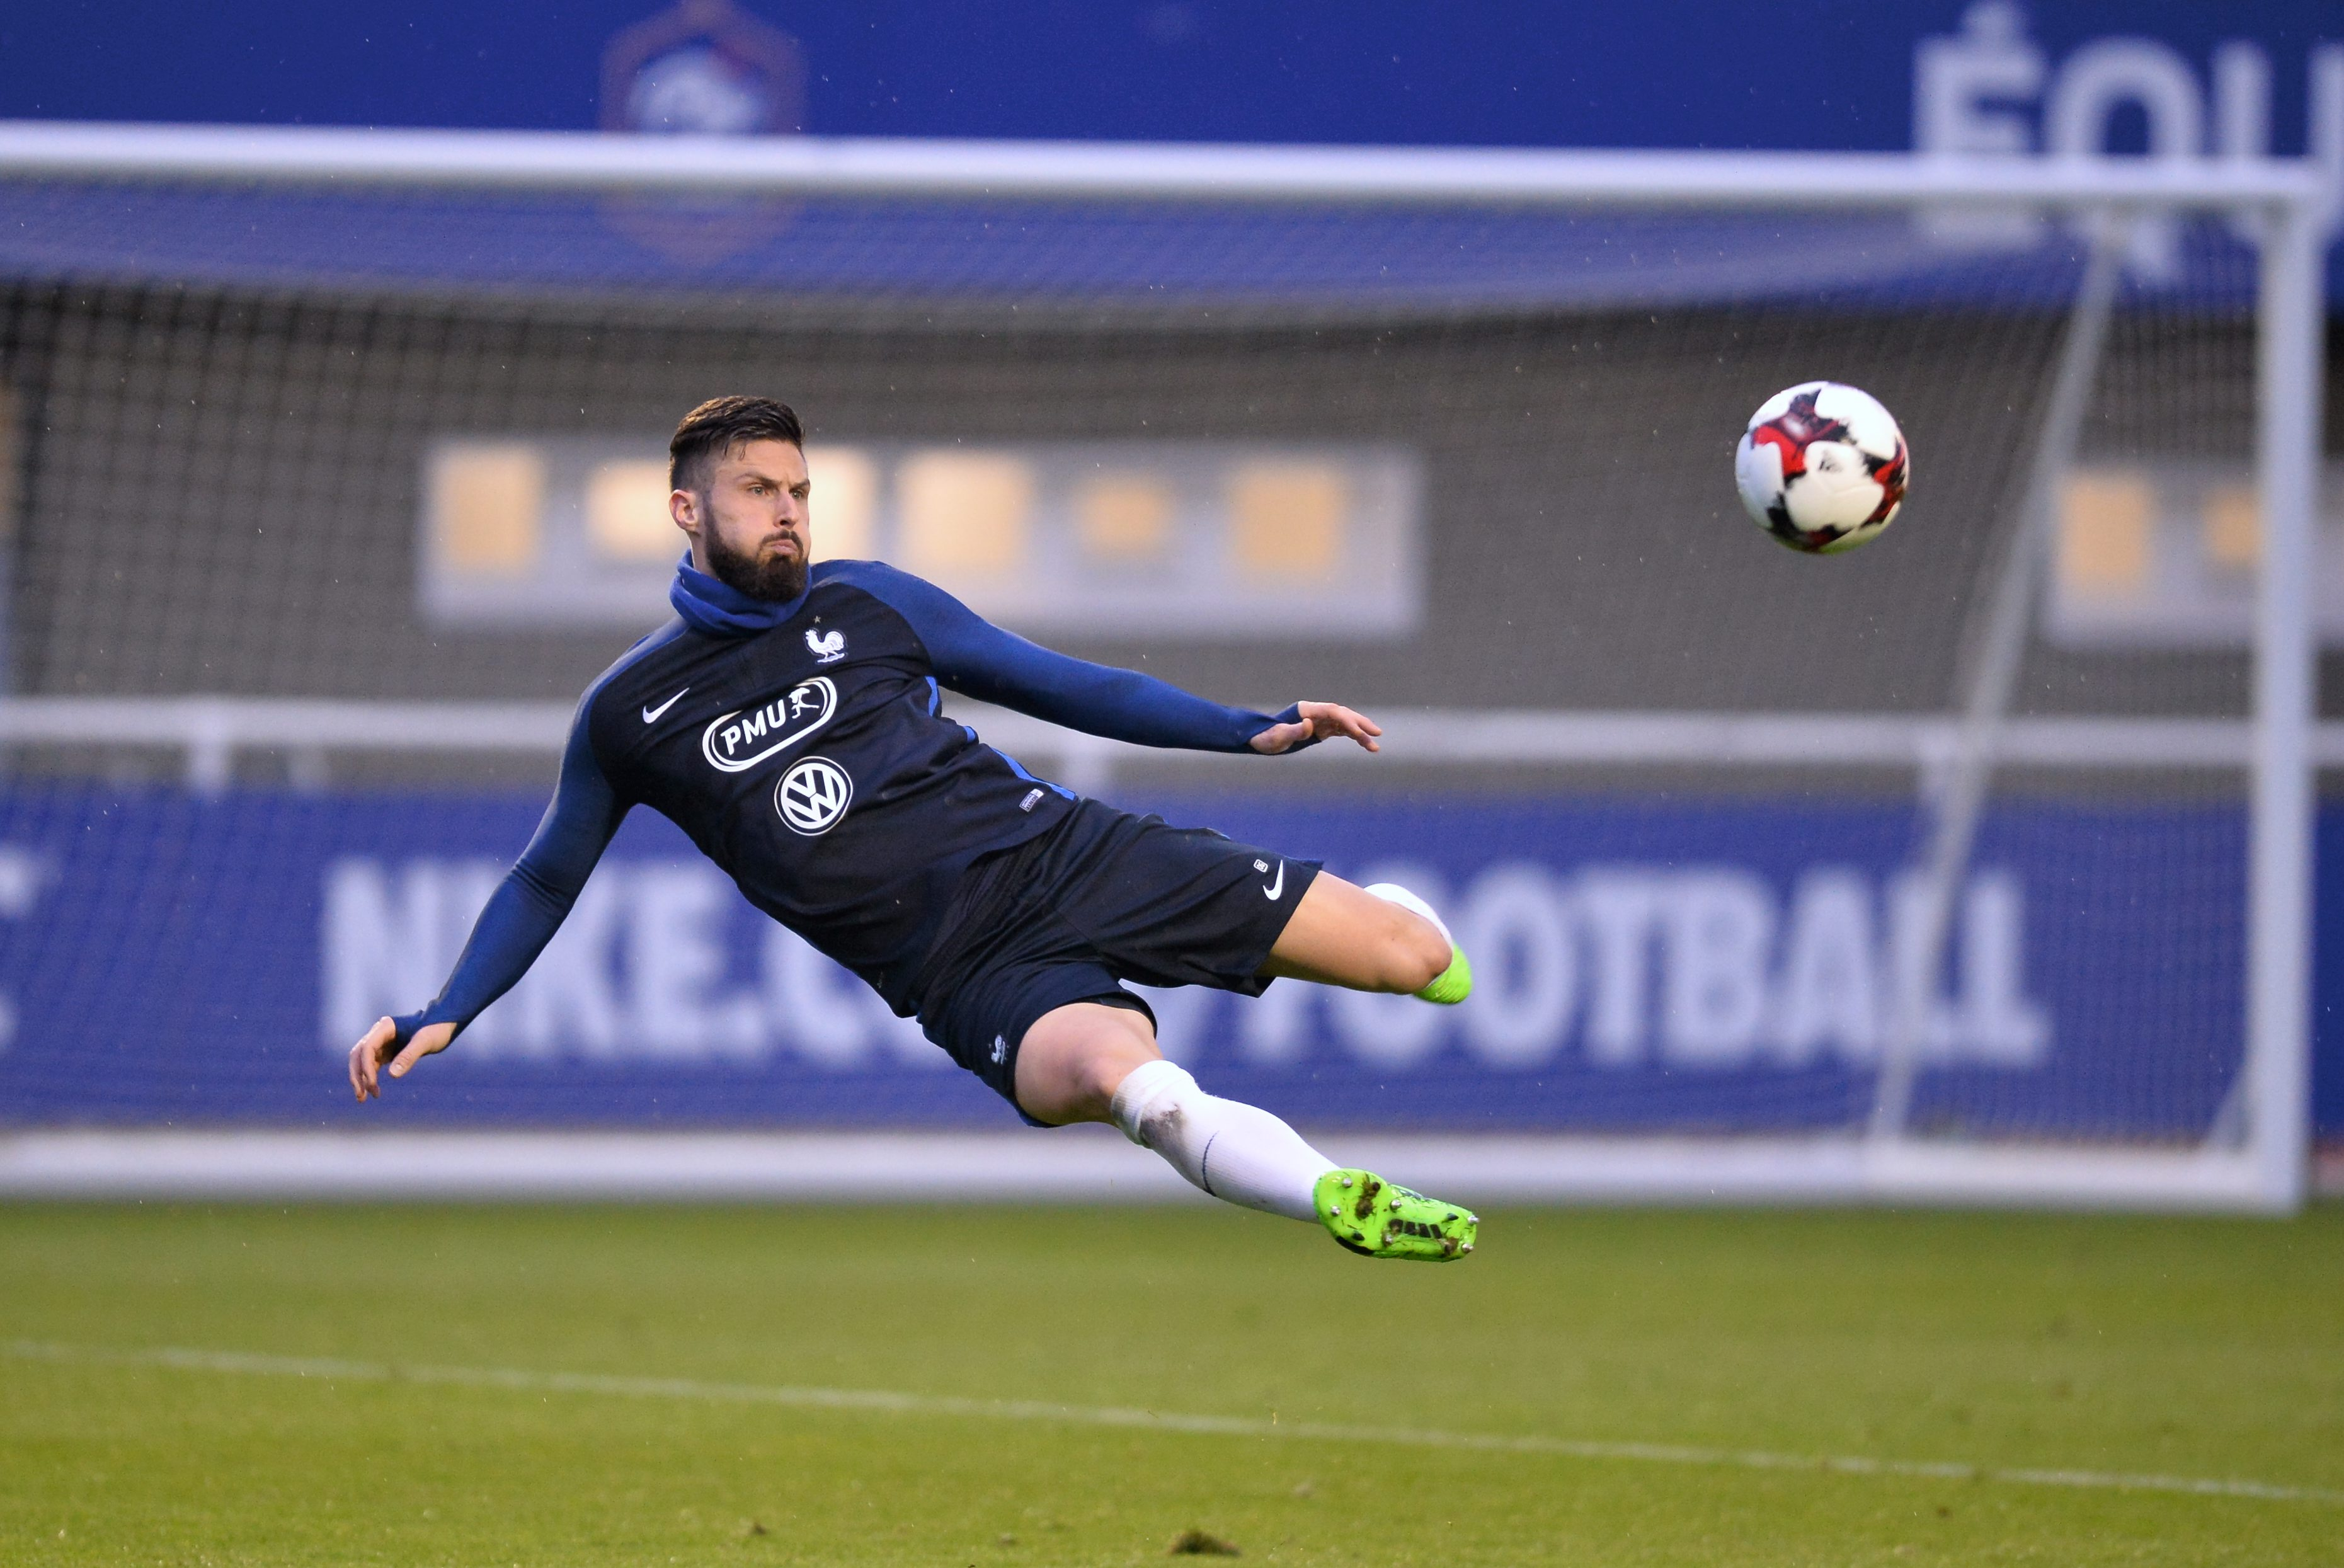 Football - Equipe de France - France-Espagne, un match de gala plus qu'amical